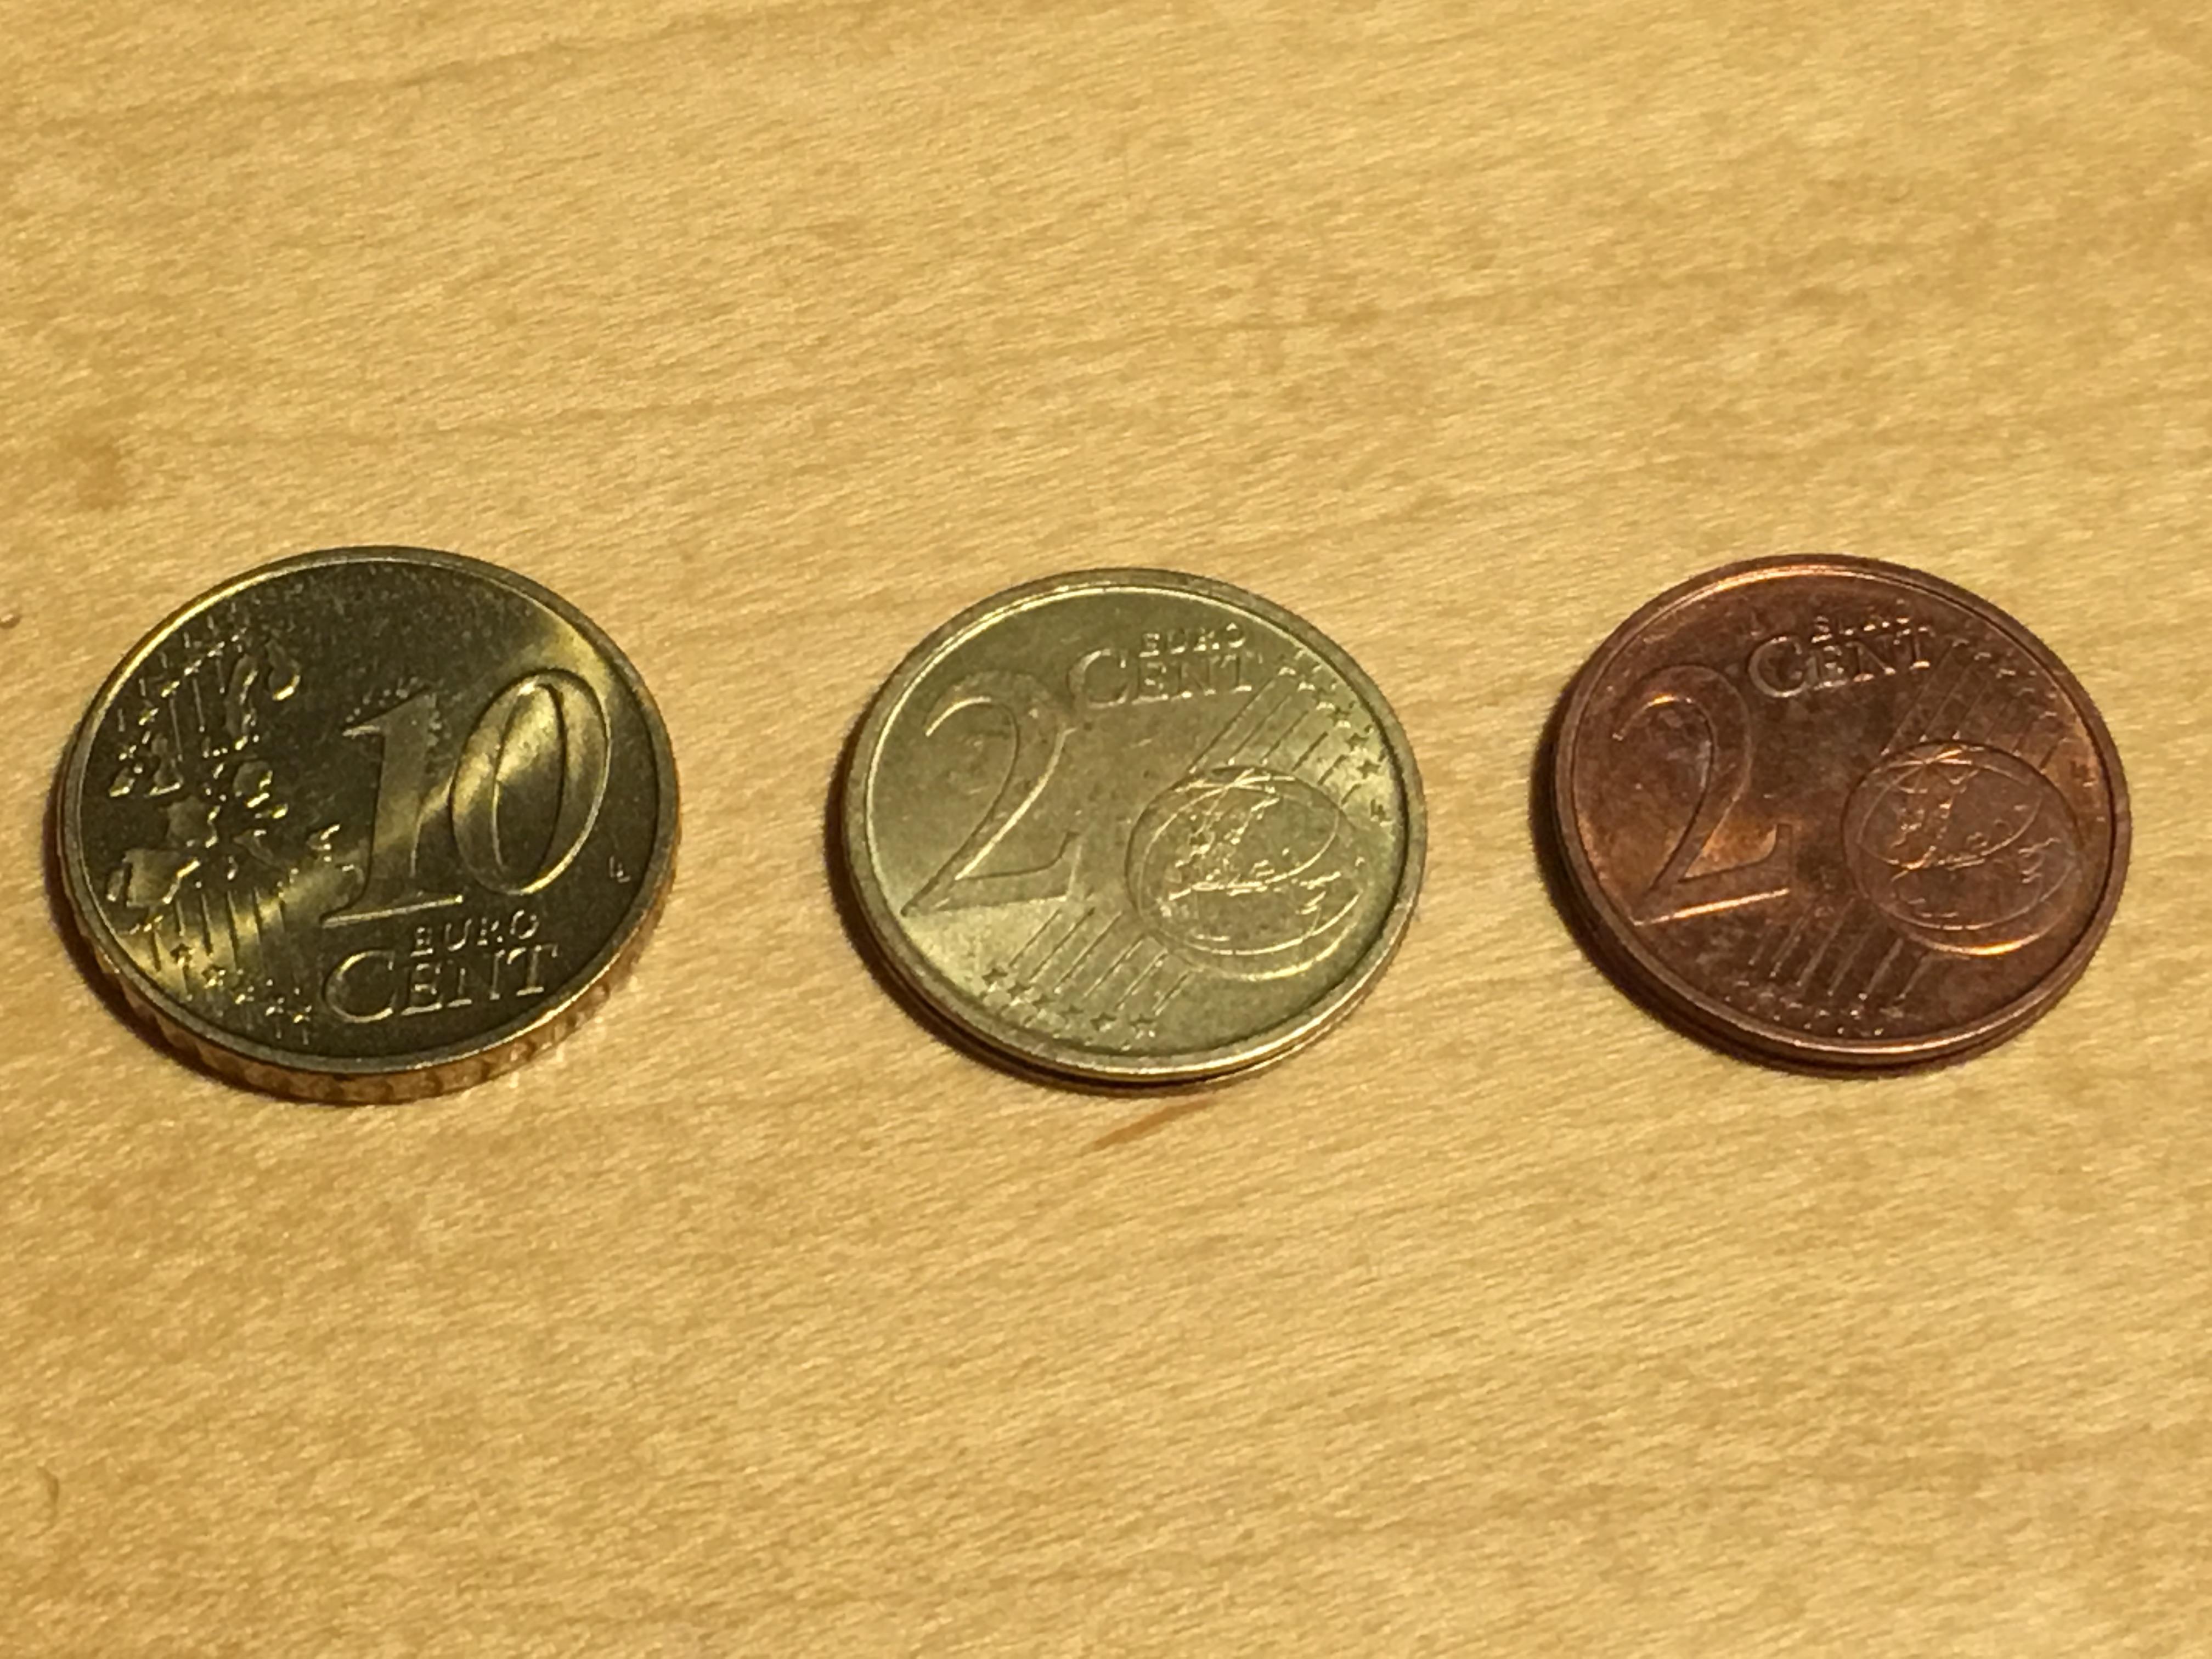 2 Cent Münzefehlprägung